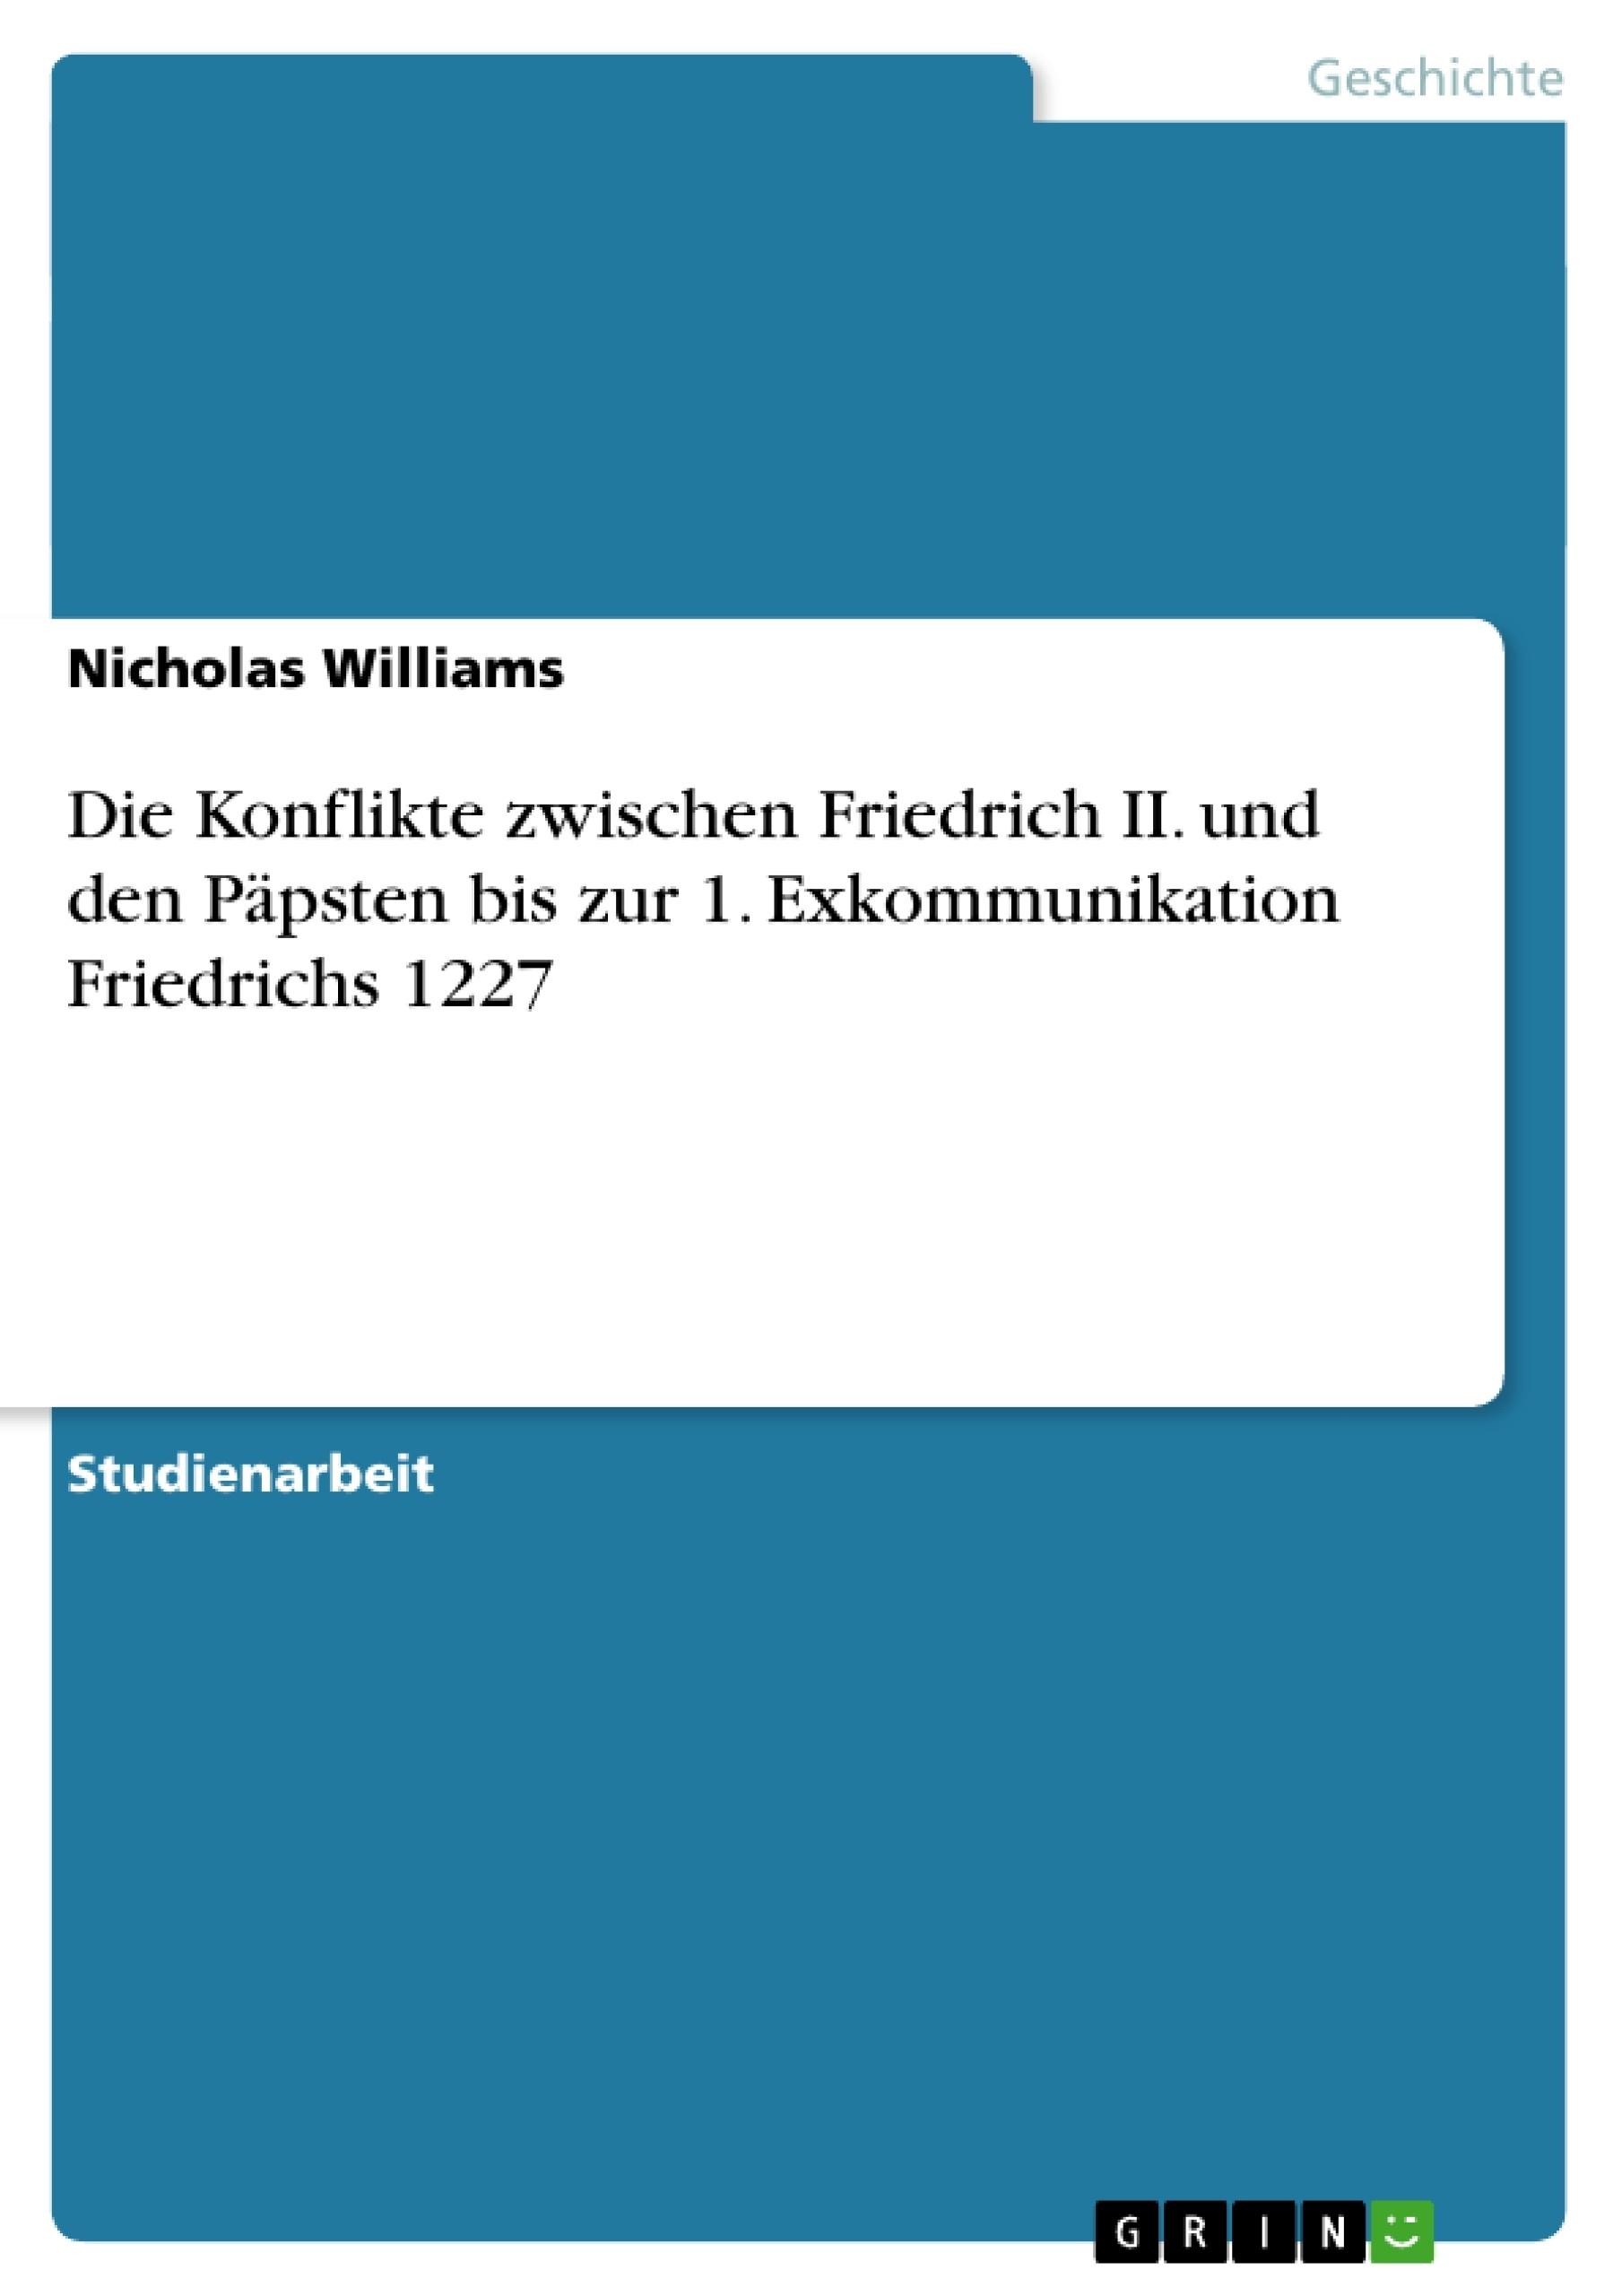 Titel: Die Konflikte zwischen Friedrich II. und den Päpsten bis zur 1. Exkommunikation Friedrichs 1227